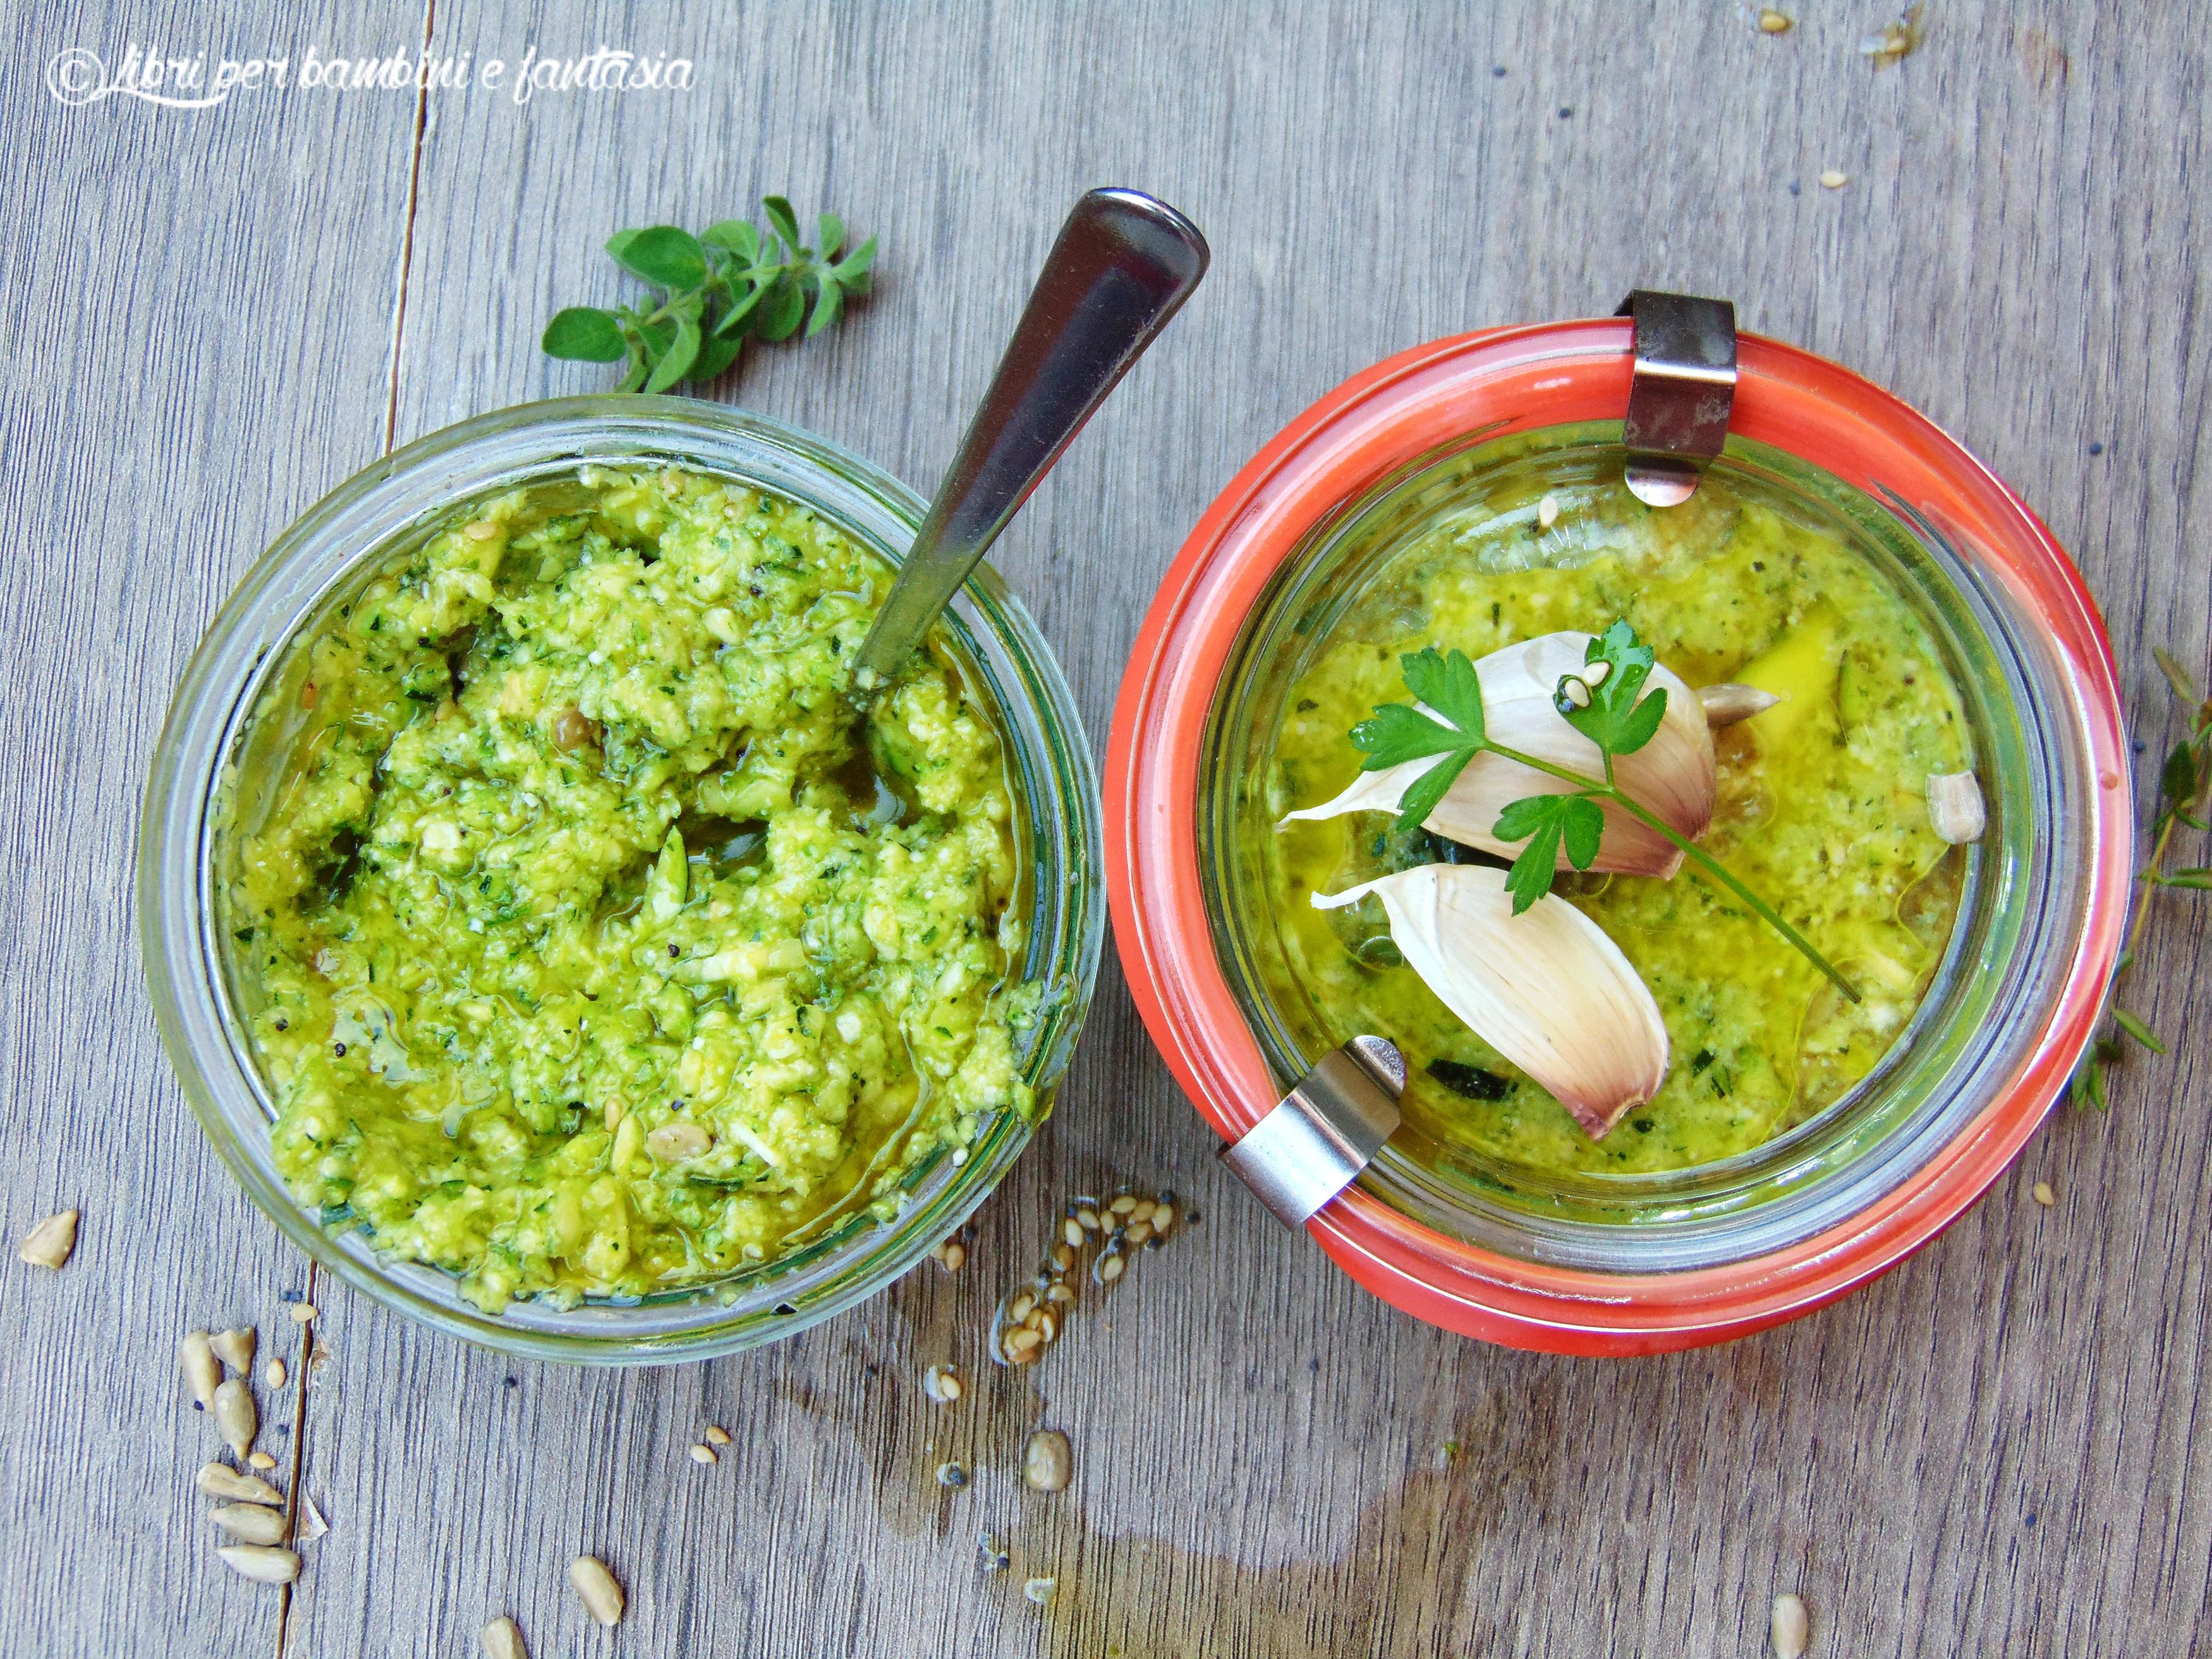 pesto zucchinebis2 (2)